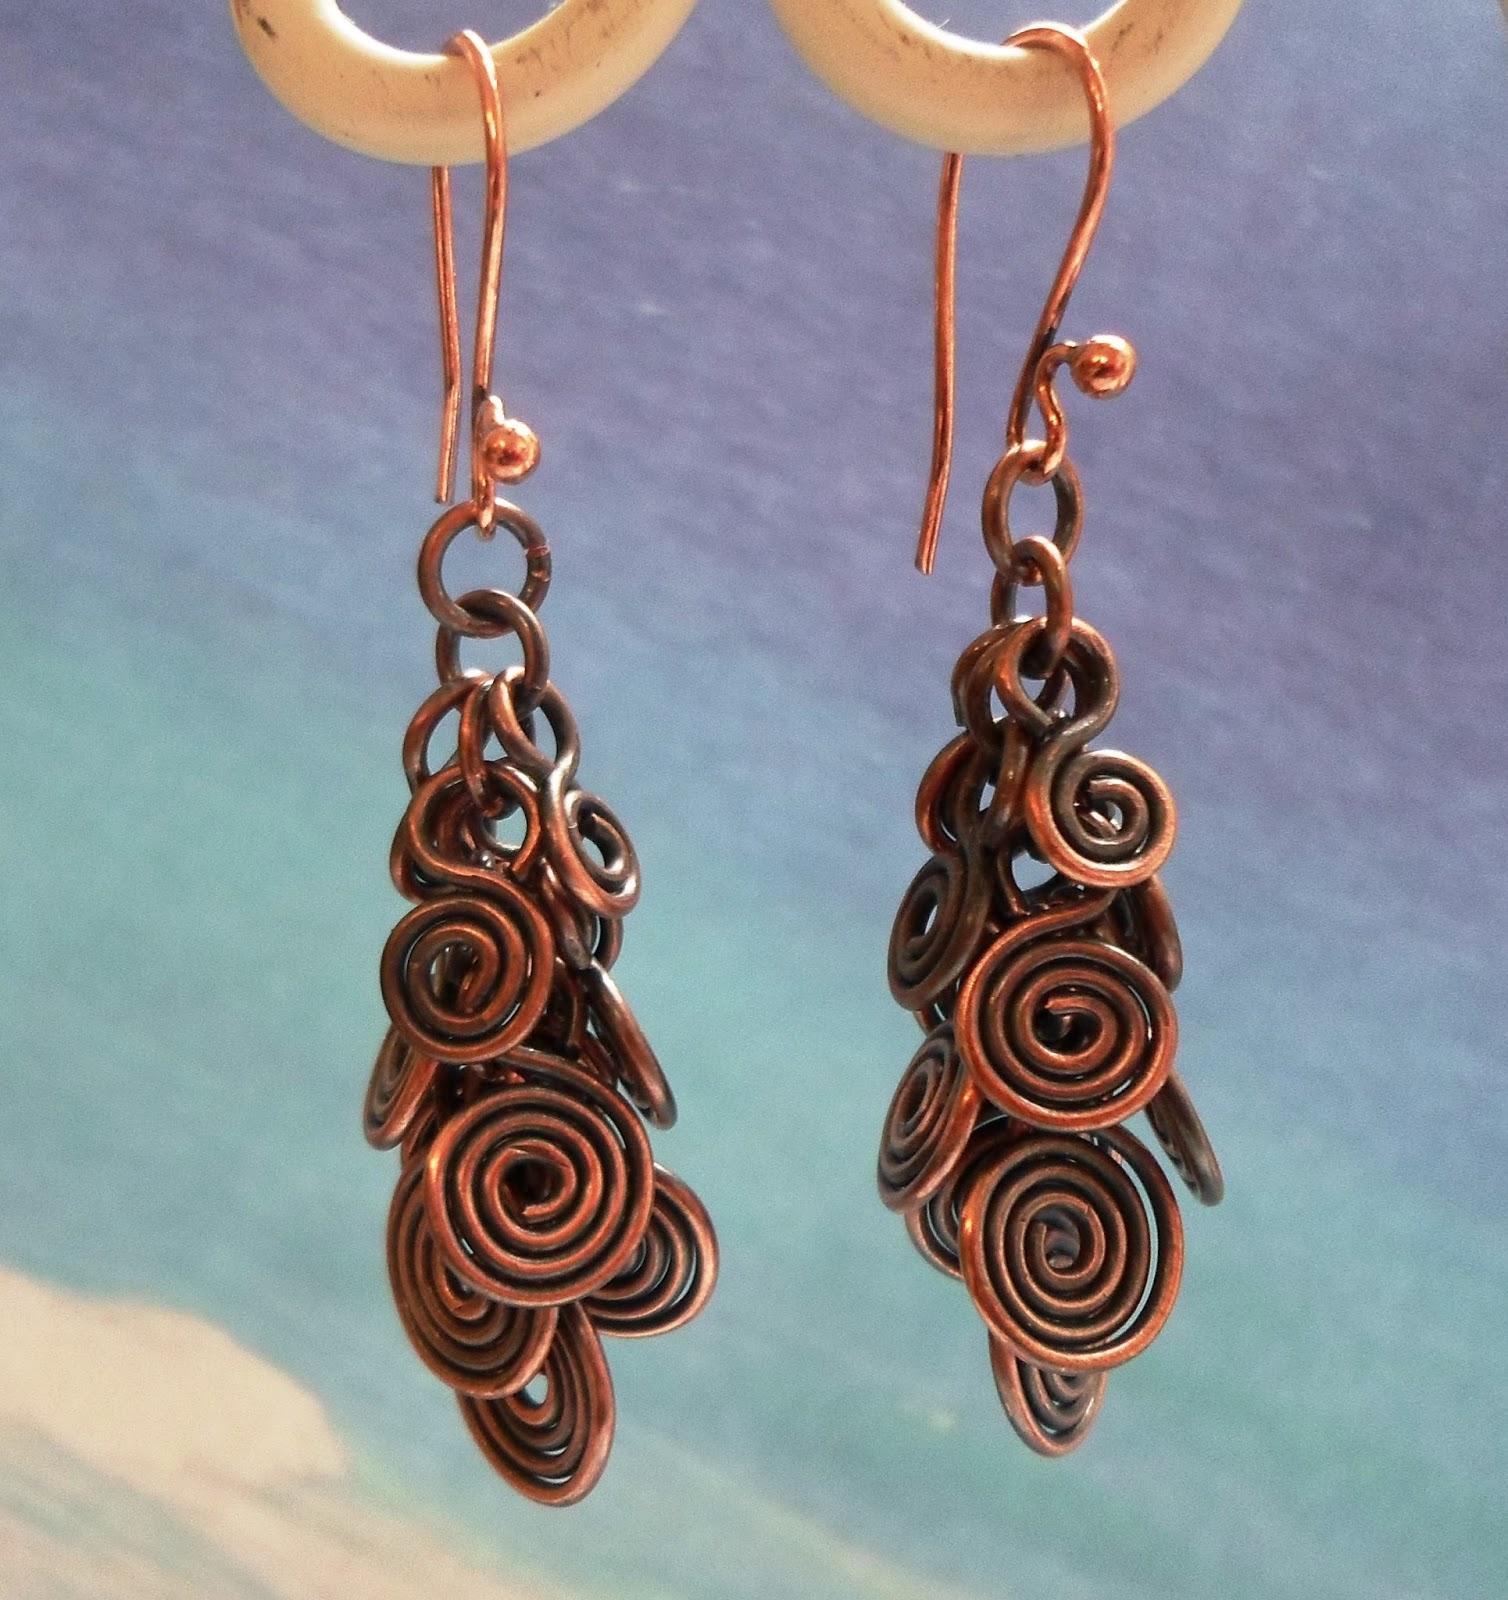 Artyzen Studio by Linda Sinish: Spiral Cluster Dangle Earrings